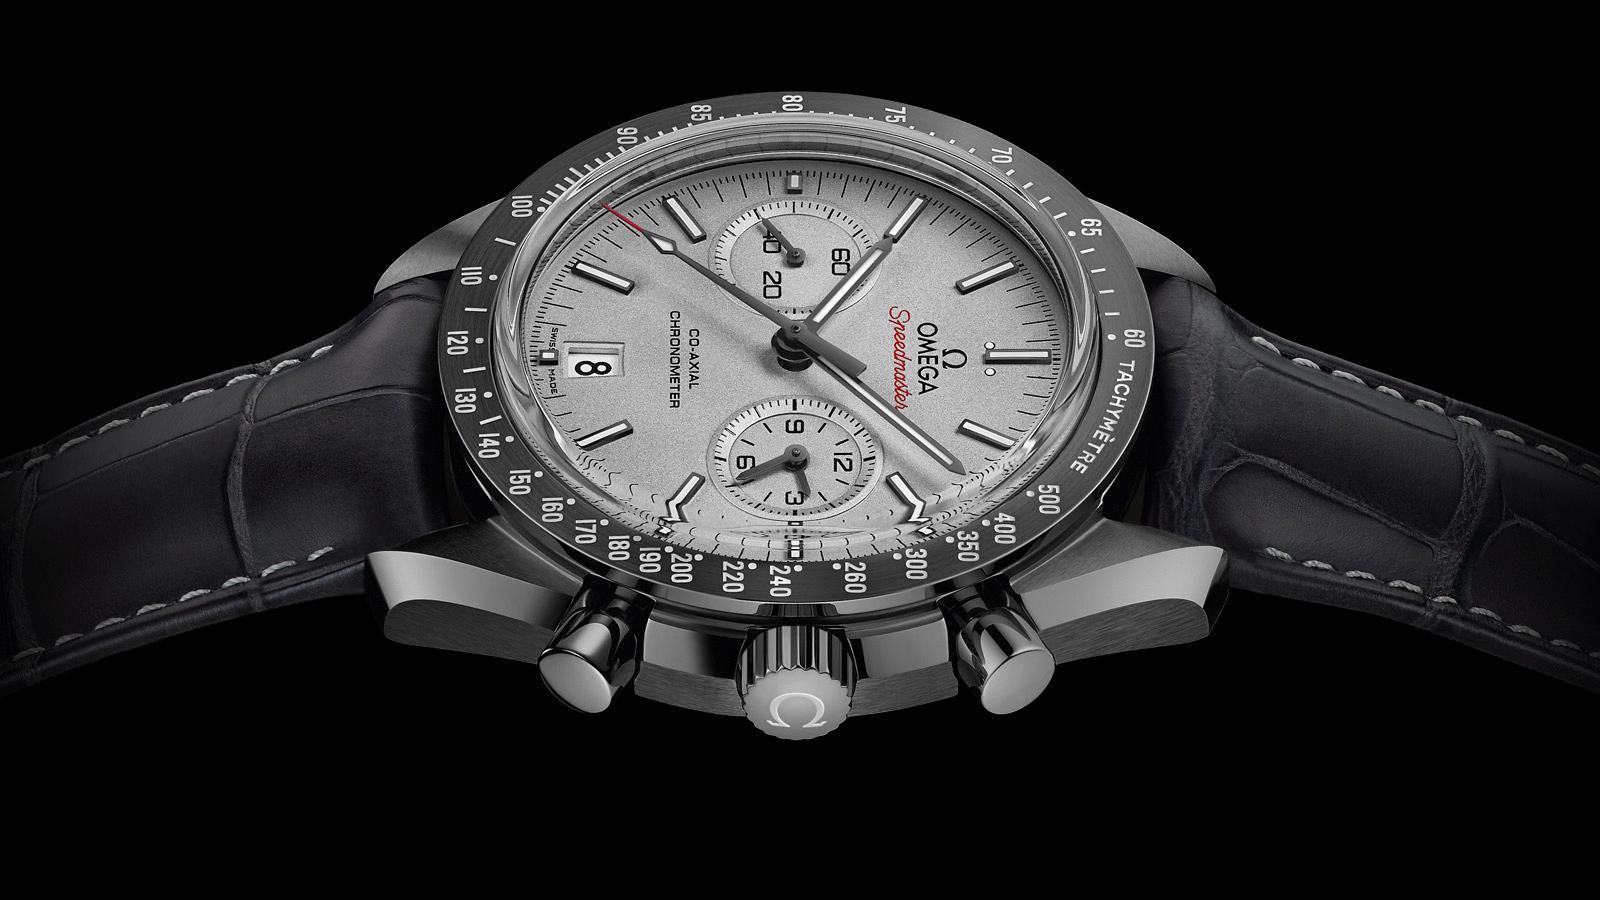 欧米茄手表价钱大概是多少 网上的欧米茄手表是真的吗